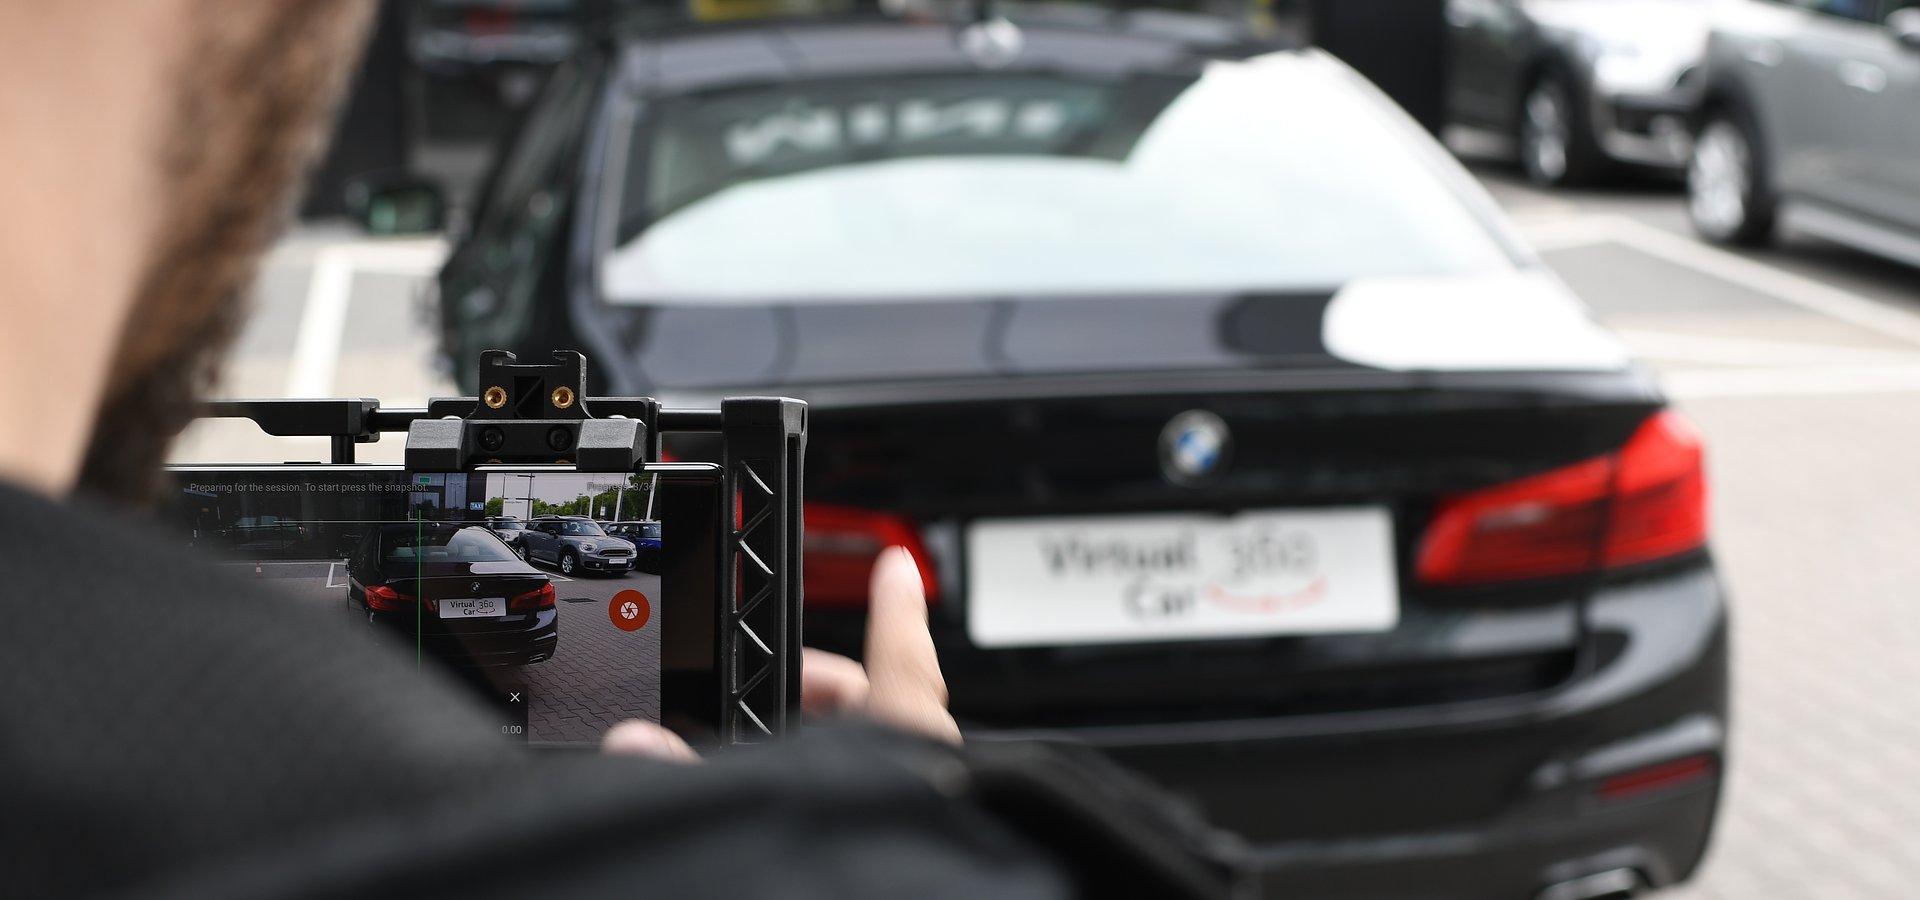 Virtual Car 360 dołącza do Akceleratora S5. Startup MakoLab i Exacto Holding wykorzysta wideostreaming sieci piątej generacji do sprzedaży pojazdów online i rozwinie funkcjonalności e-commerce